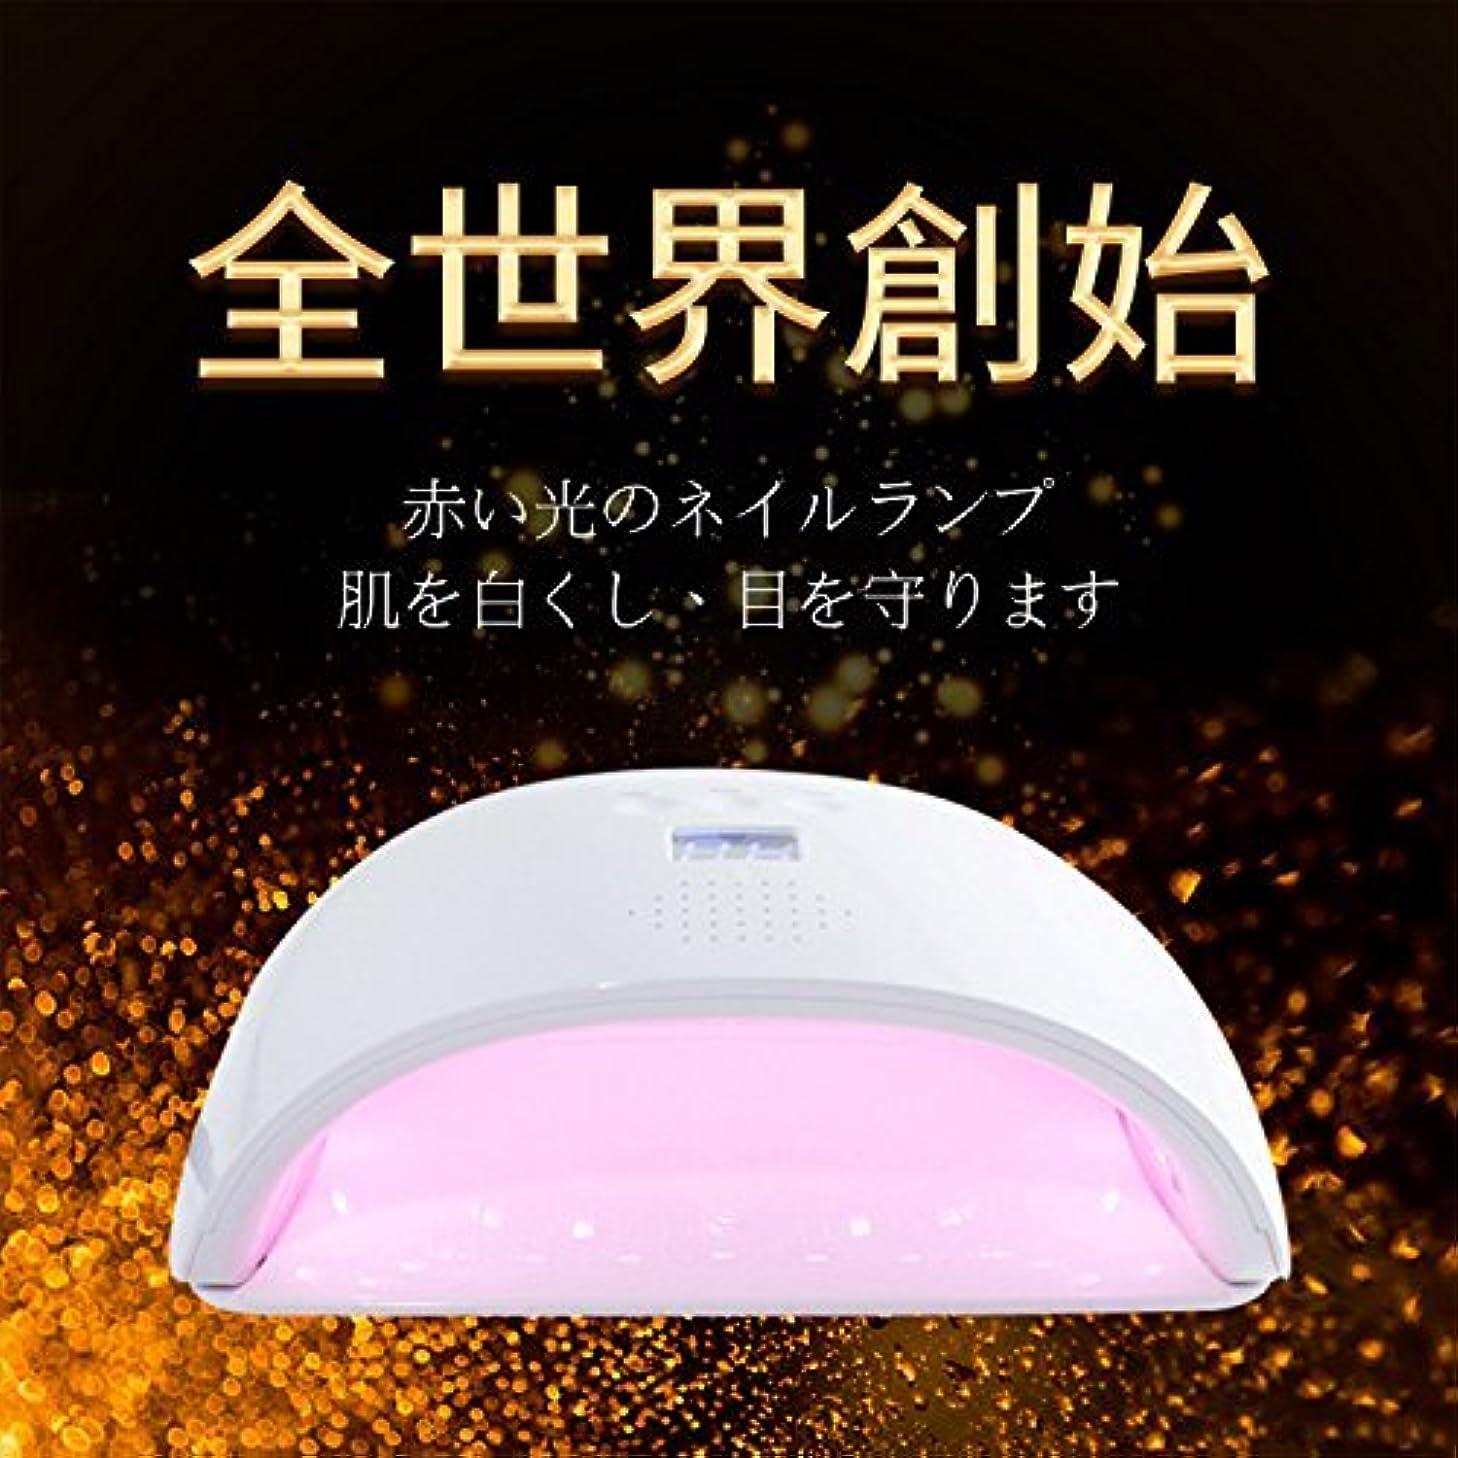 面新しさ旅行Halicer 48W UV LED ネイルドライヤー 人感センサー 自動オンオフ 30S/60S/90Sタイマー設定 取り外し式 手と足両用 22粒UV LDEダブルライト